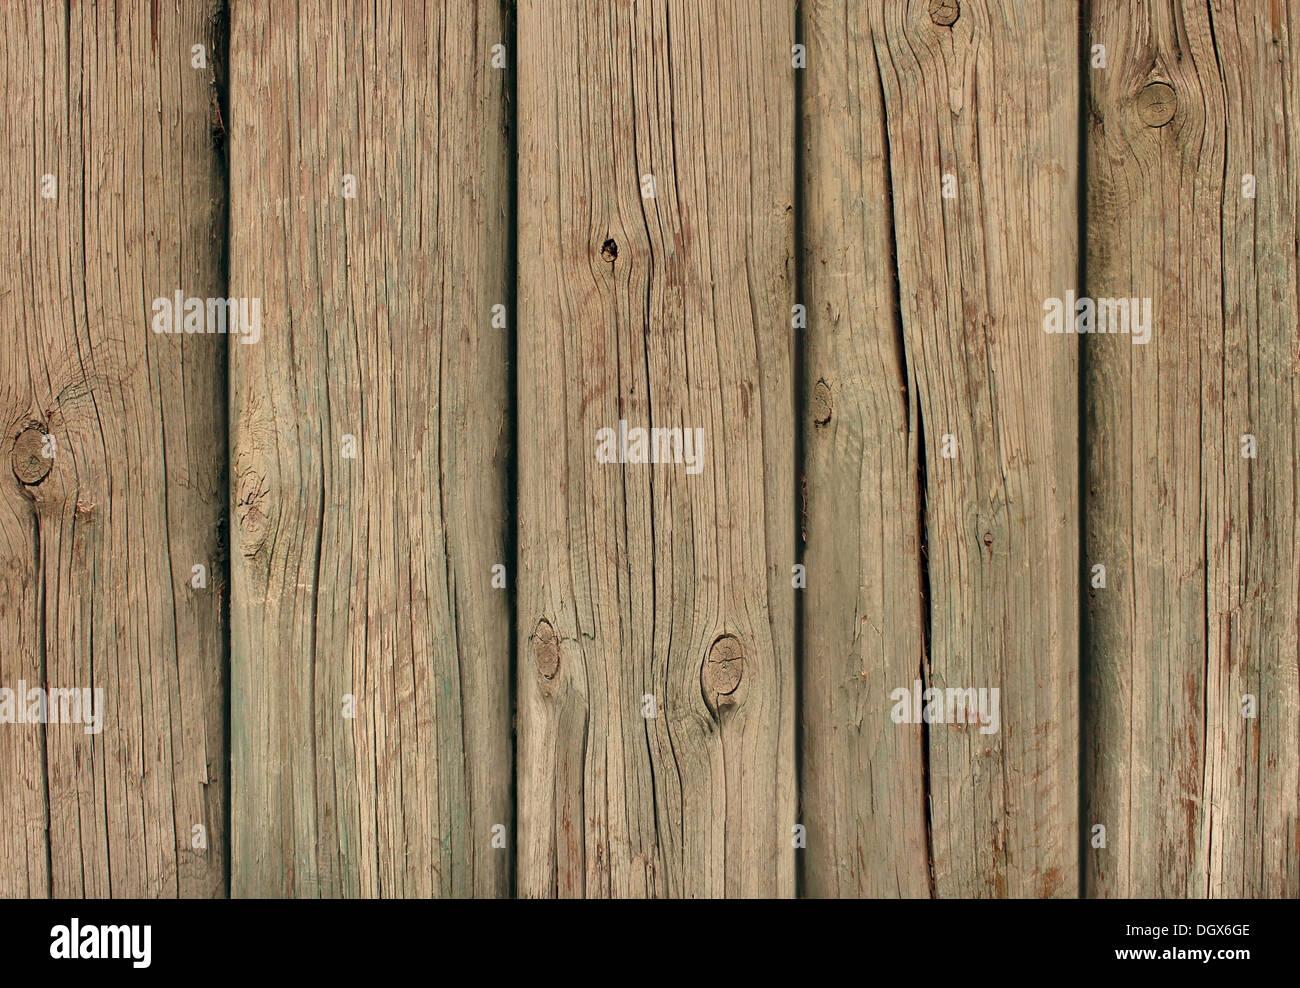 Alten verwitterten Holz Hintergrund mit dick geschnittene Baumstämme als Grunge verzweifelt antike Mauer der Dielen in einem vertikalen Muster Alter Stockbild